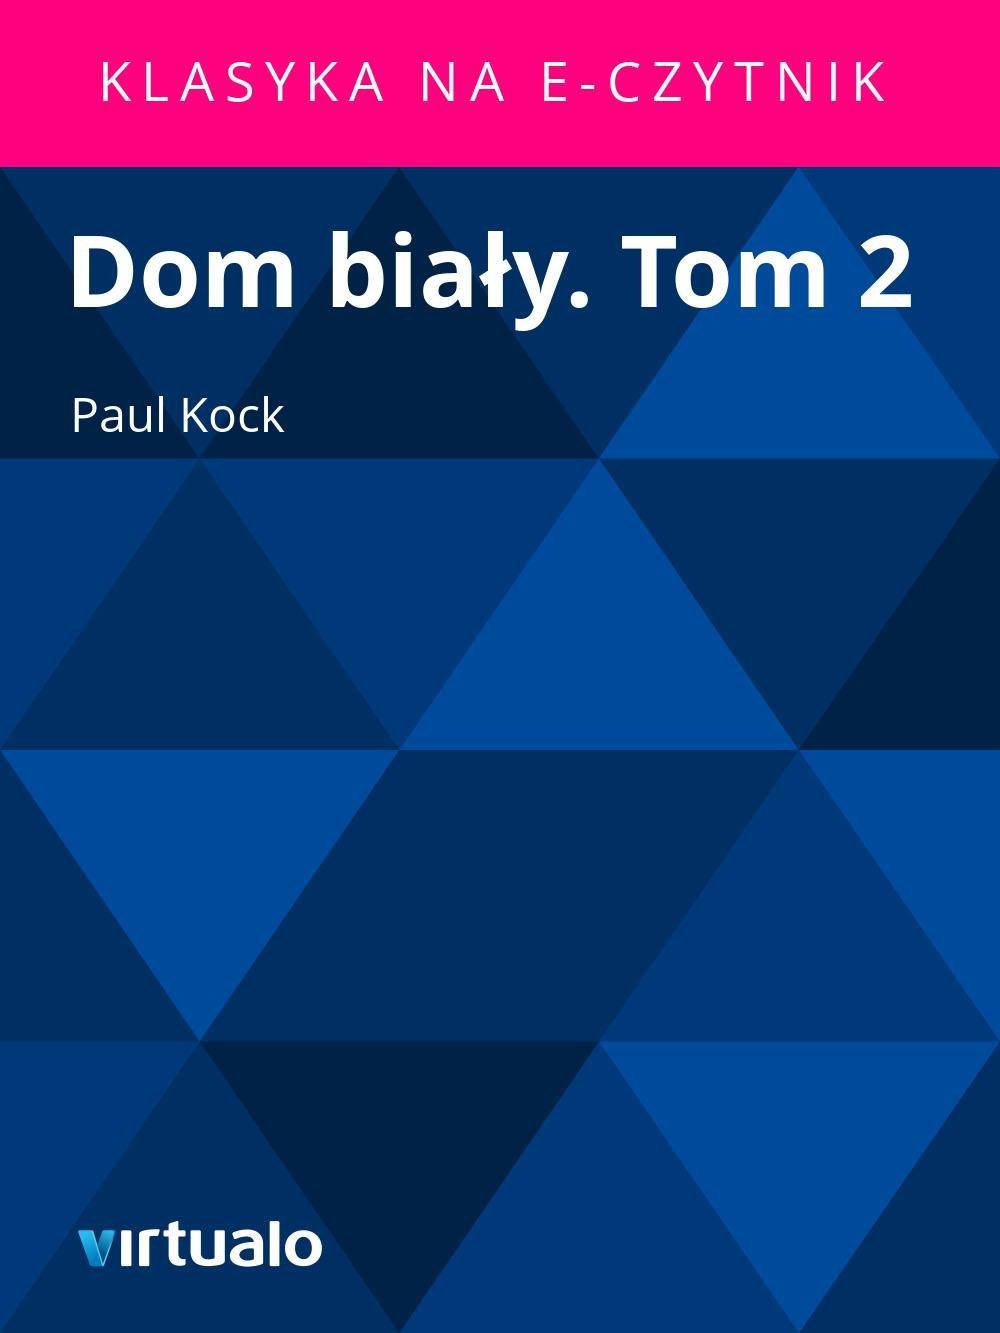 Dom biały. Tom 2 - Ebook (Książka EPUB) do pobrania w formacie EPUB